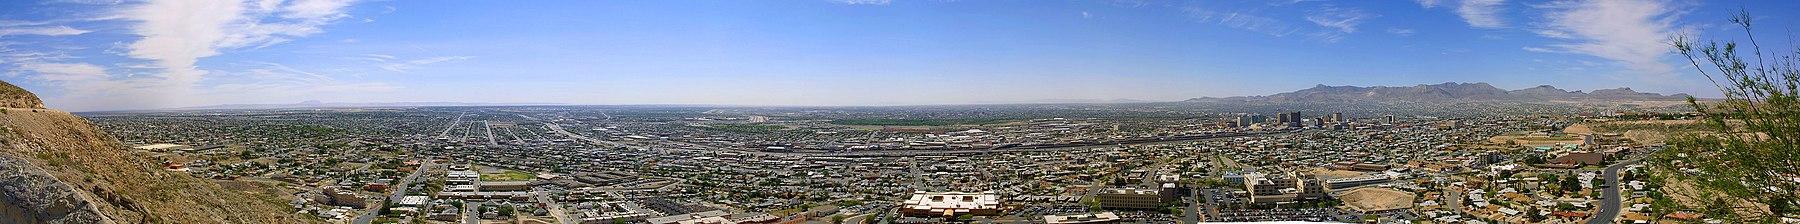 """תמונה פנורמית של העיר מצפון העיר. משמאל ניתן לראות את הרי ה""""Hueco"""" ומרחוק מימן ניתן לראות את הרי החוארס"""